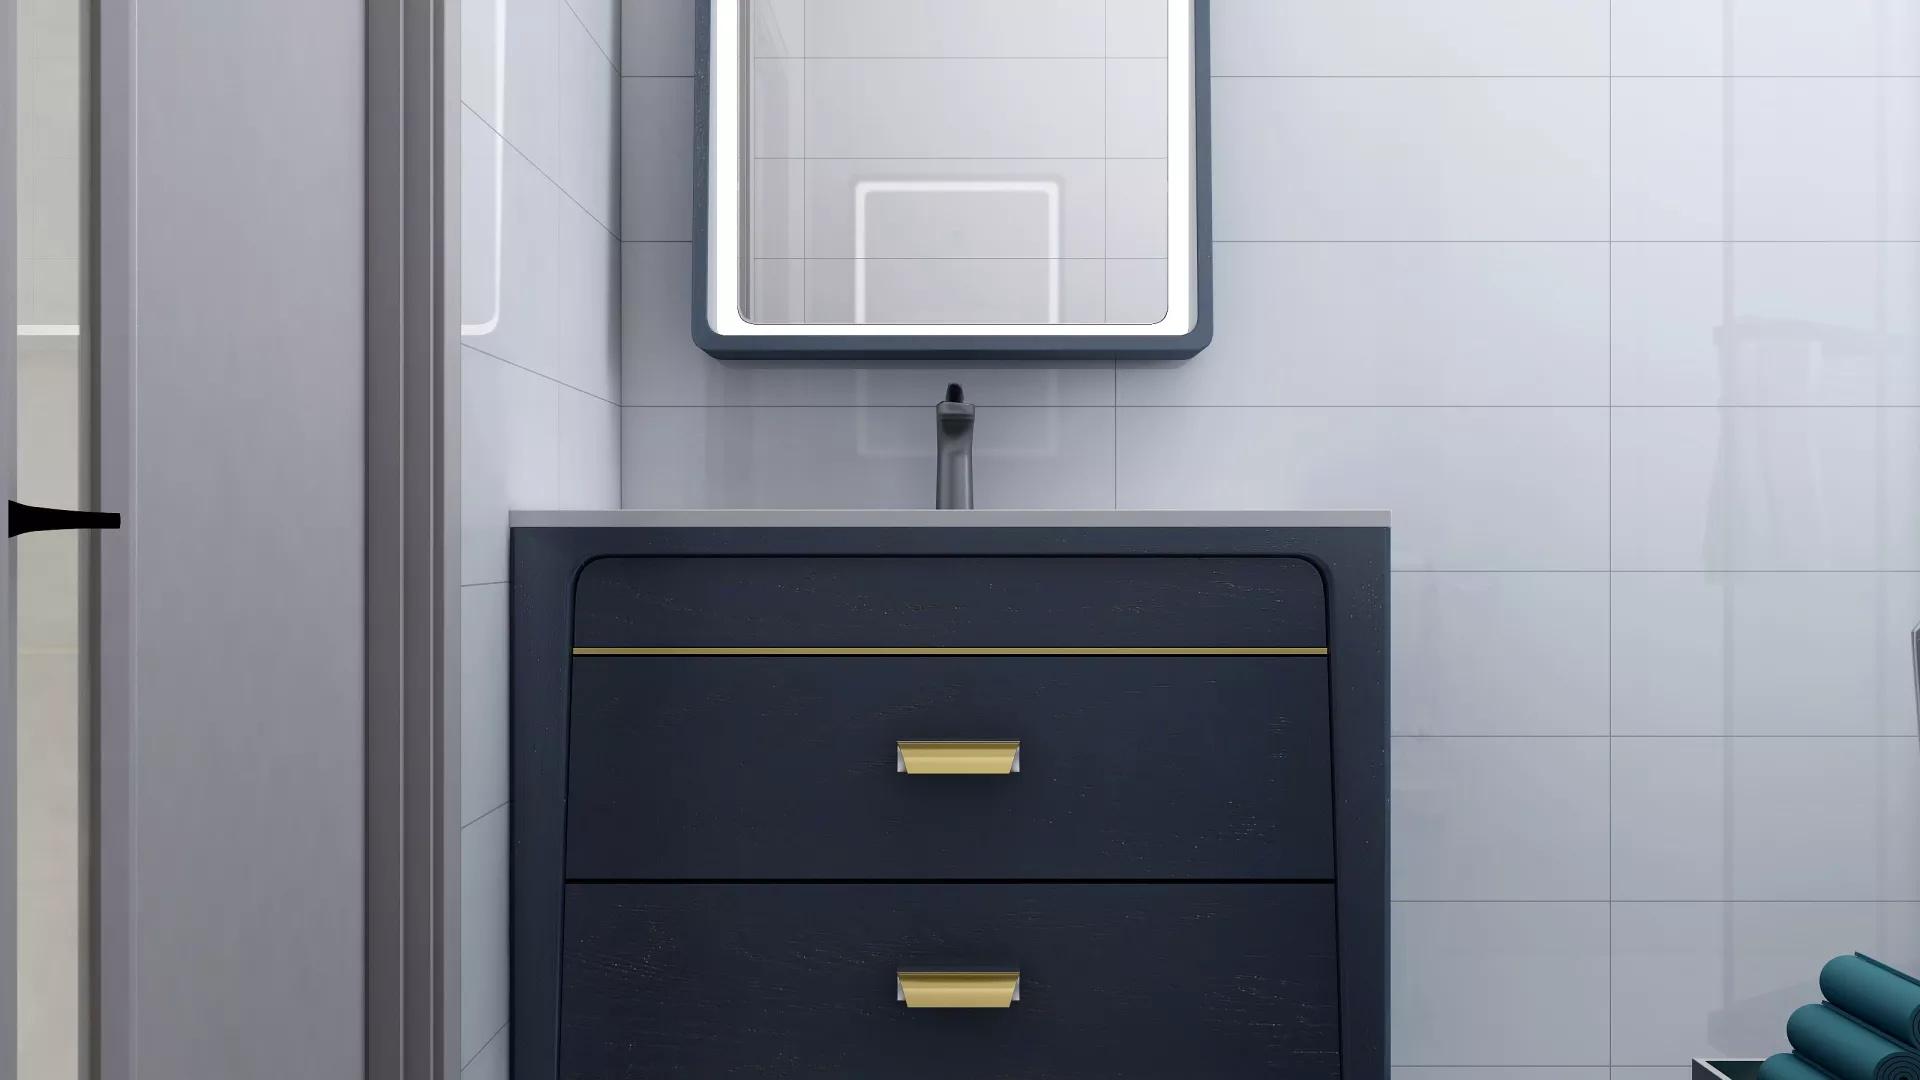 卫生间旧瓷砖如何翻新 卫生间瓷砖翻新方法